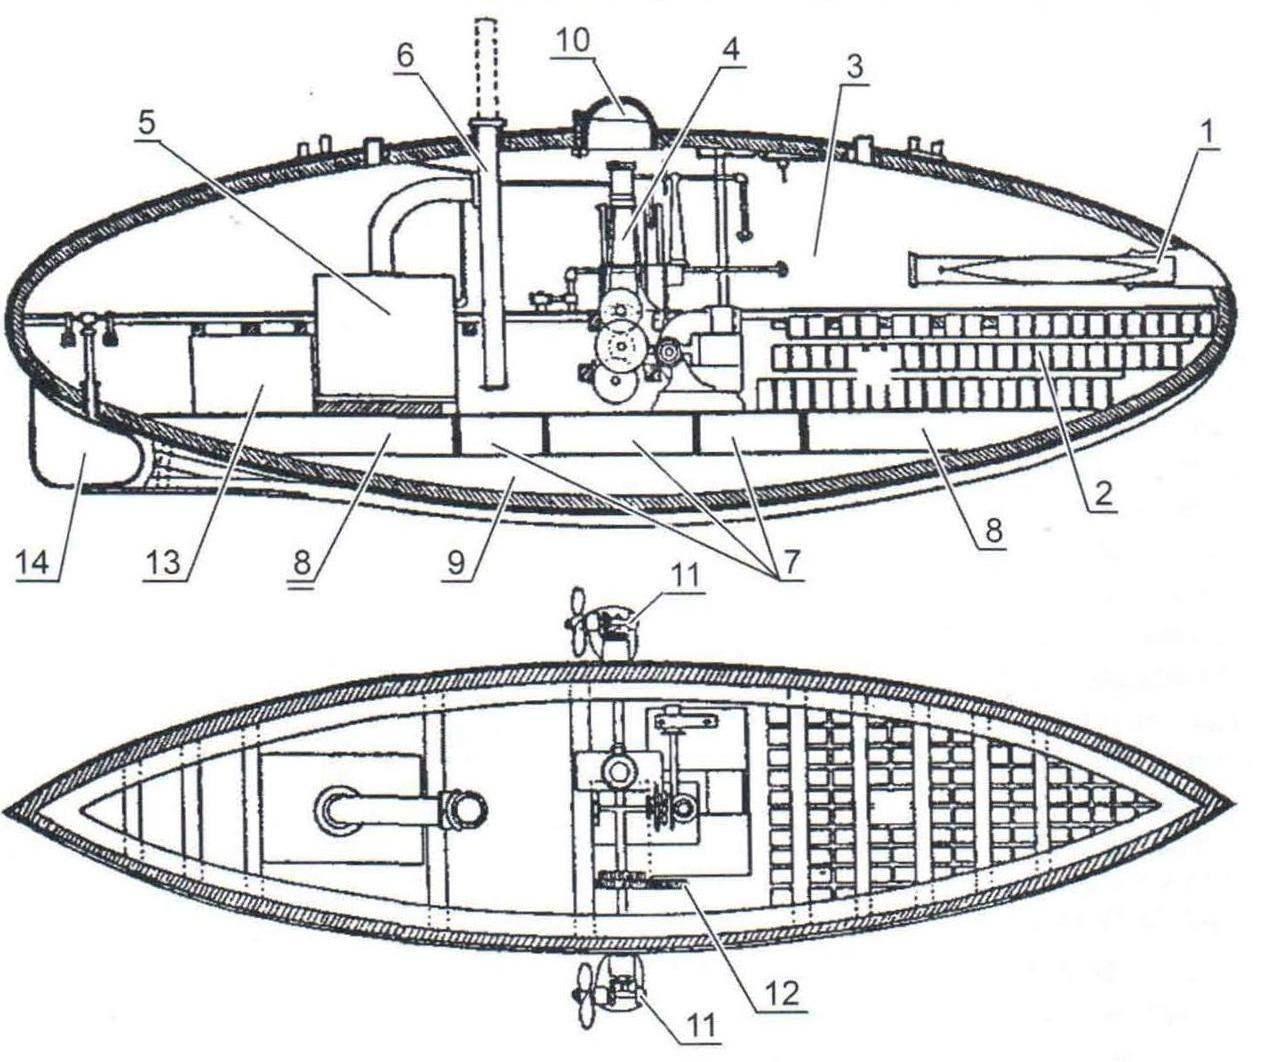 Submarine design D. Baker, United States, 1892.